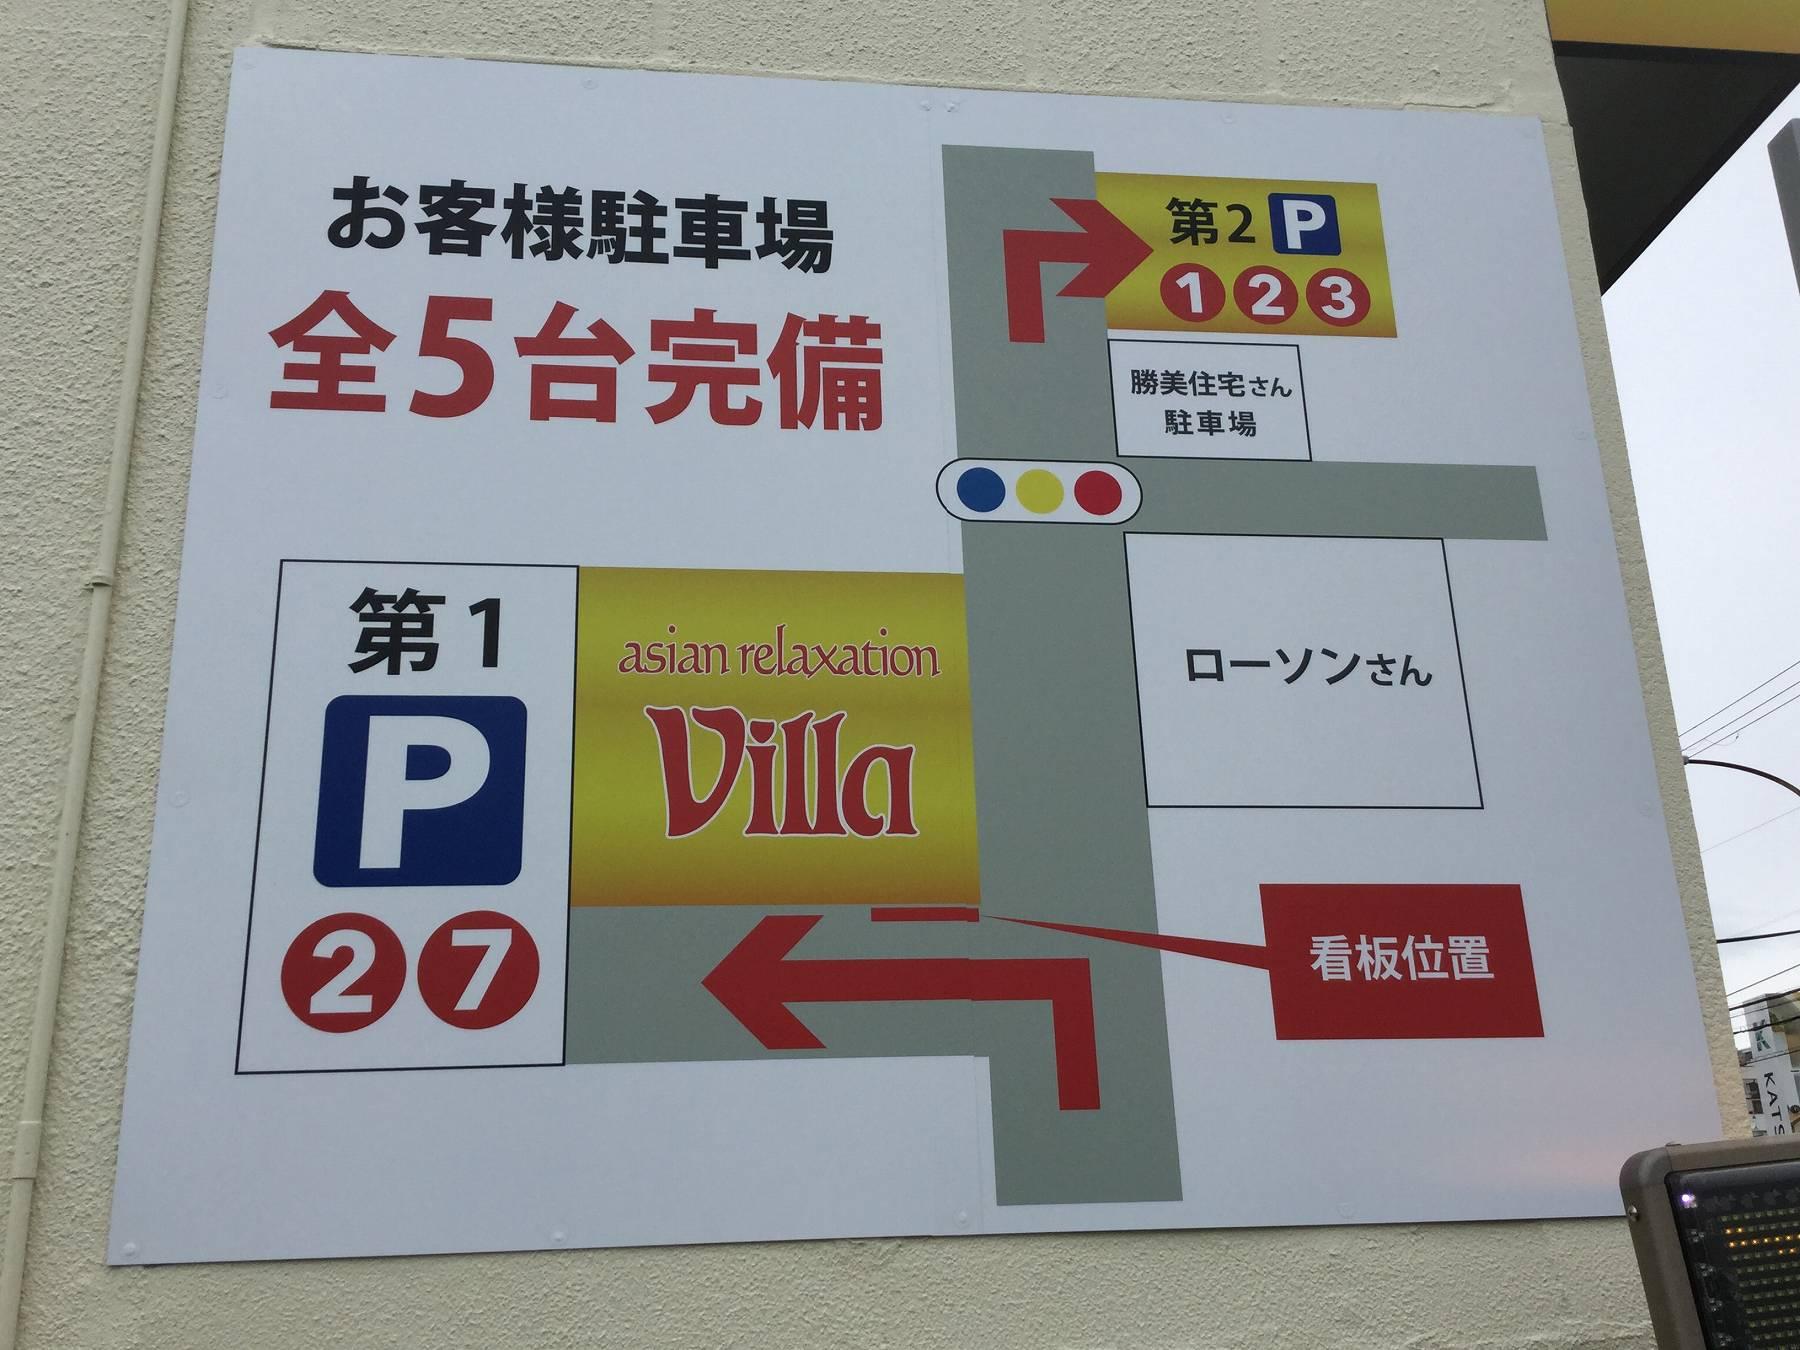 明石市の整体・マッサージ:ヴィラ 西明石店 無料駐車場